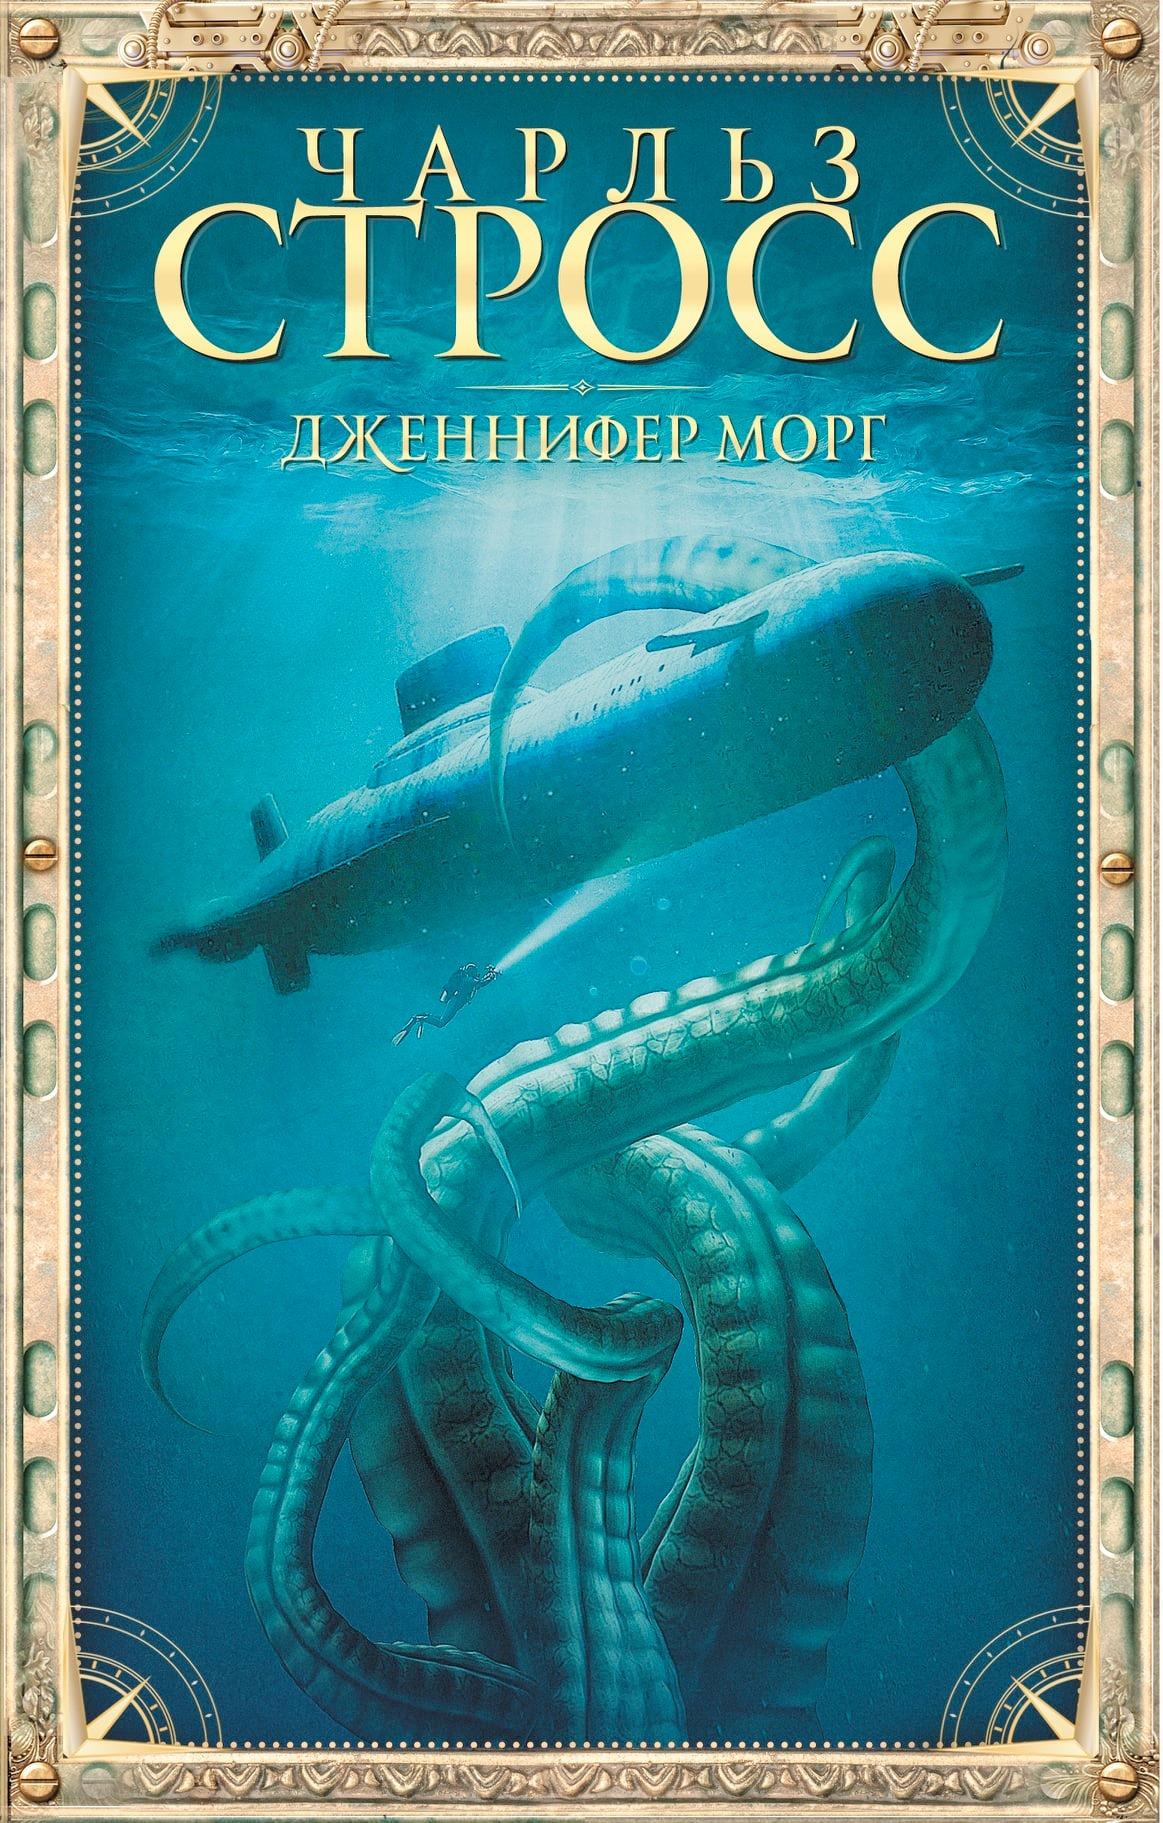 Читаем книгу «Дженнифер Морг»Чарльза Стросса: смесь бондианы и мифов Ктулху 1